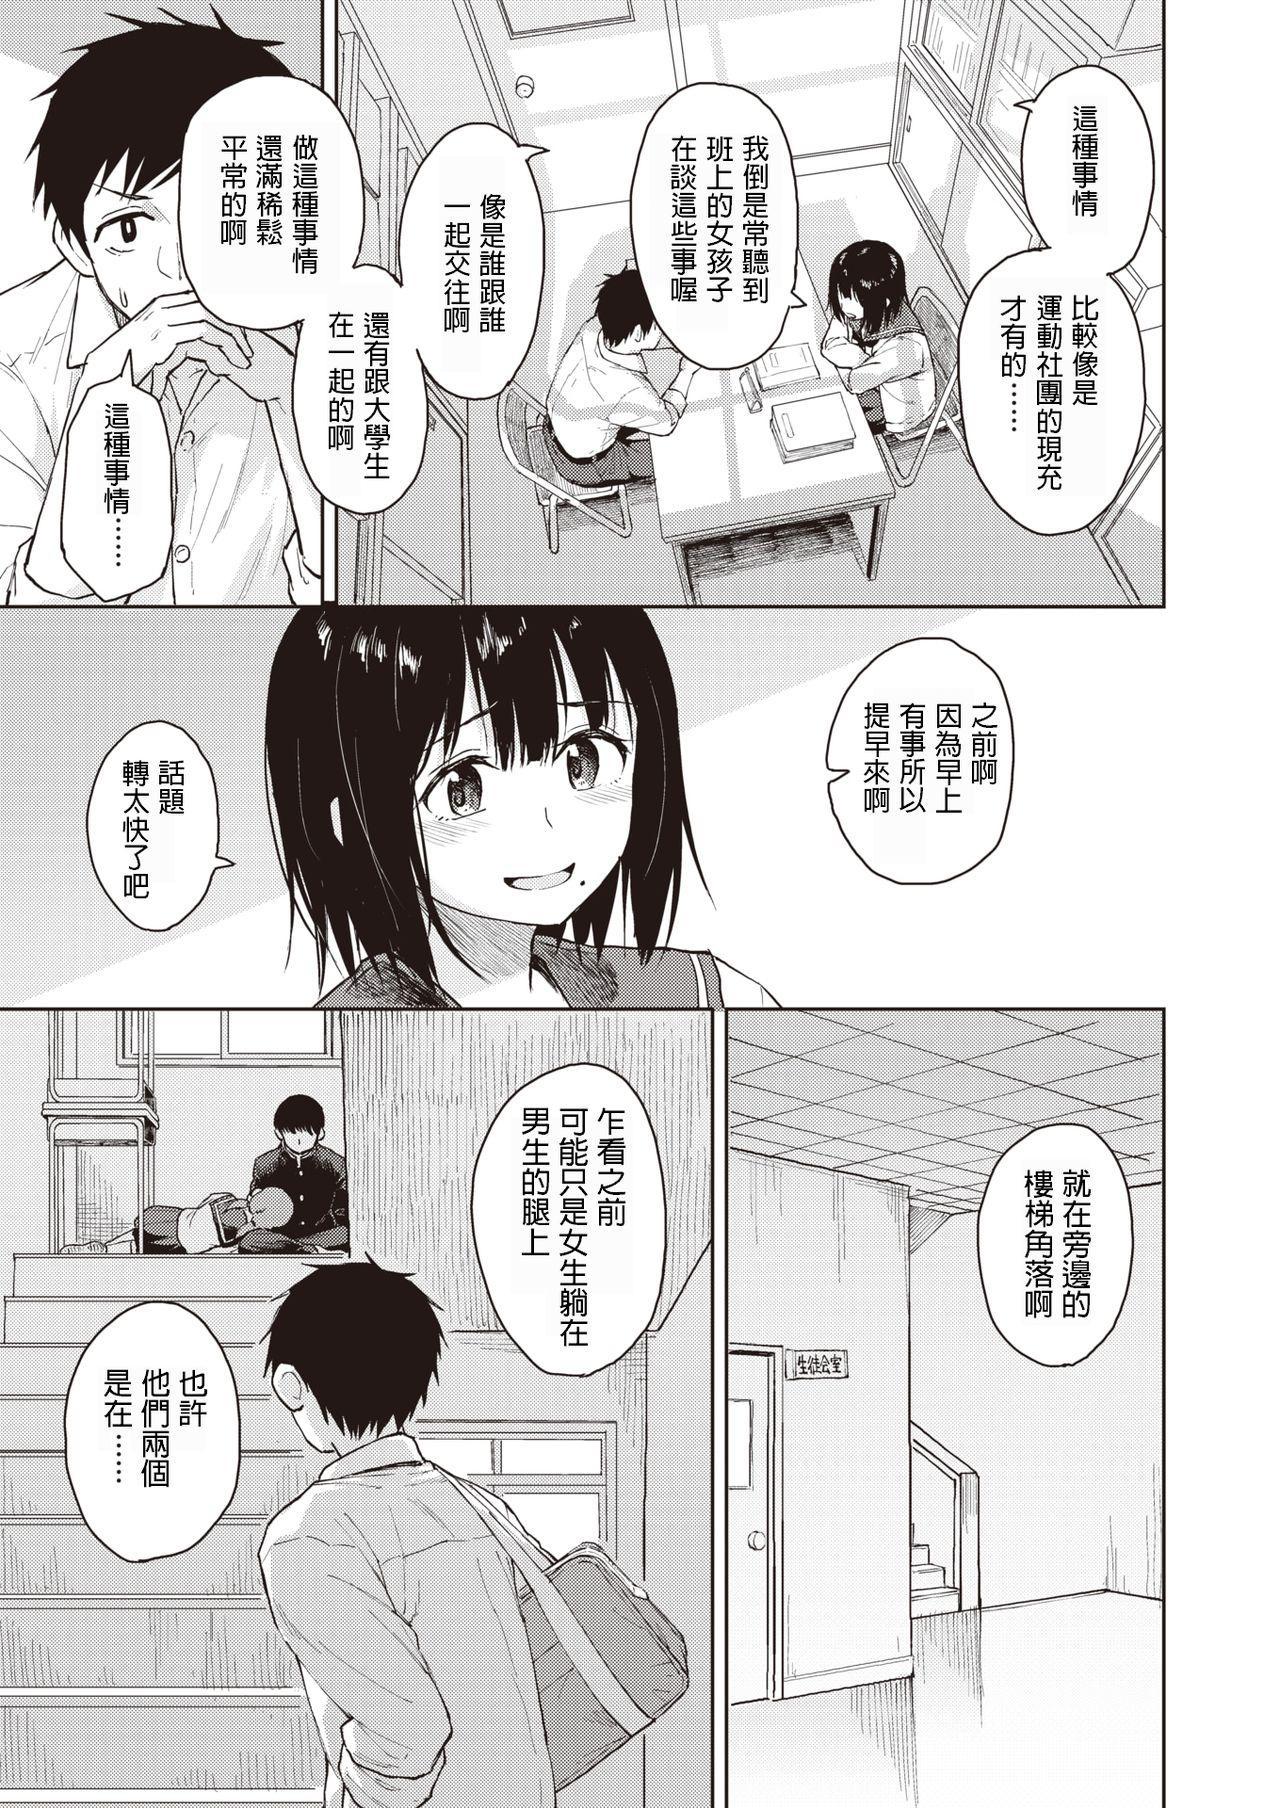 Futsuu no Kankei 2